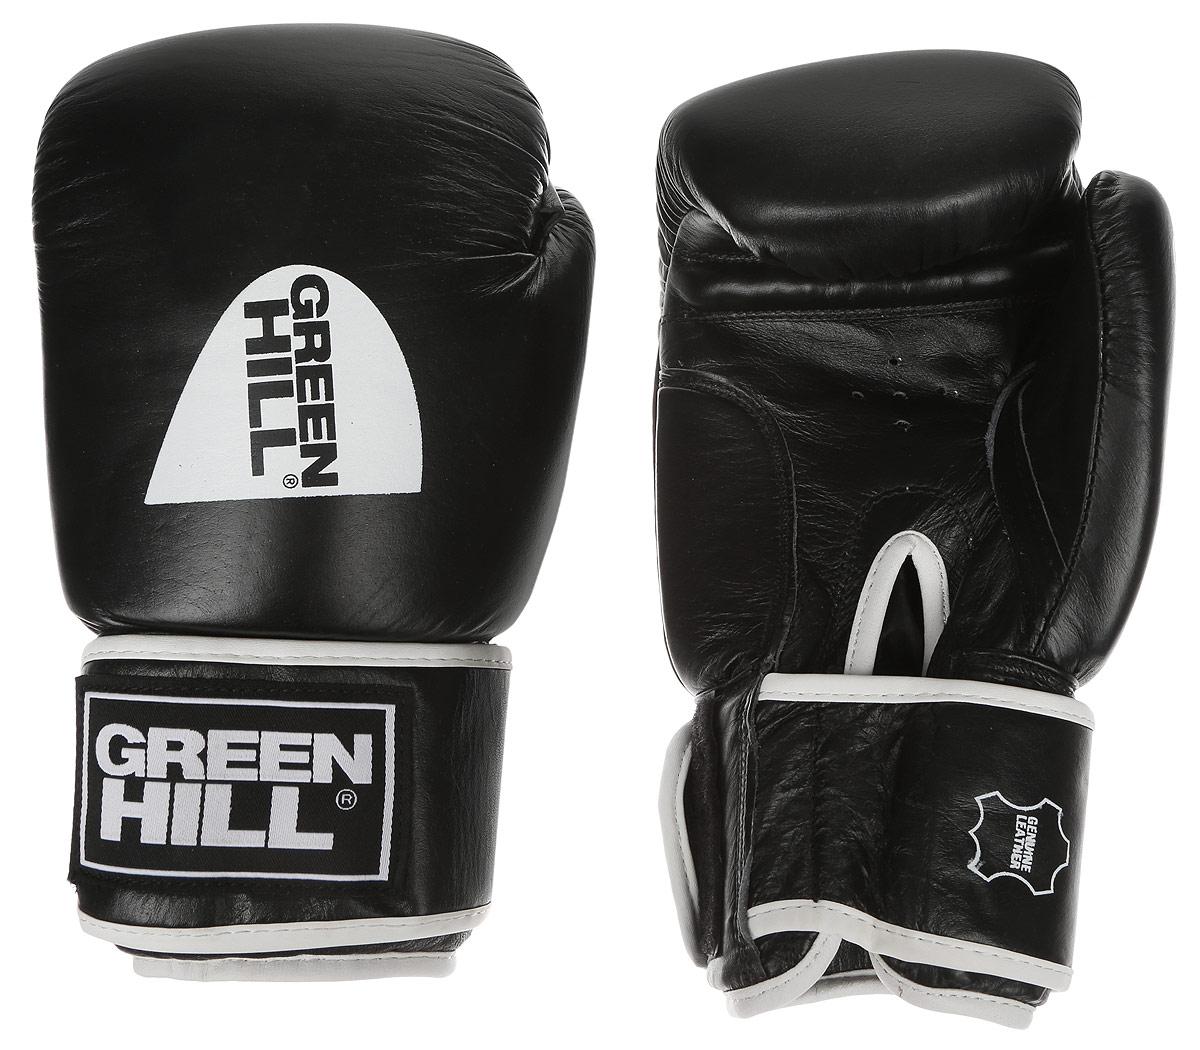 Перчатки боксерские Green Hill Gym, цвет: черный, белый. Вес 10 унцийG-2018310Боксерские перчатки Green Hill Gym подходят для всех видов единоборств где применяют перчатки. Подойдет как для бокса, так и для кикбоксинга. Новички и профессионалы высоко ценят эту модель за универсальность. Верхняя часть перчатки выполнена из натуральной кожи, наполнитель - пенополиуретан. Перфорированная поверхность в области ладони позволяет создать максимально комфортный терморежим во время занятий. Закрепляется на руке при помощи липучки.